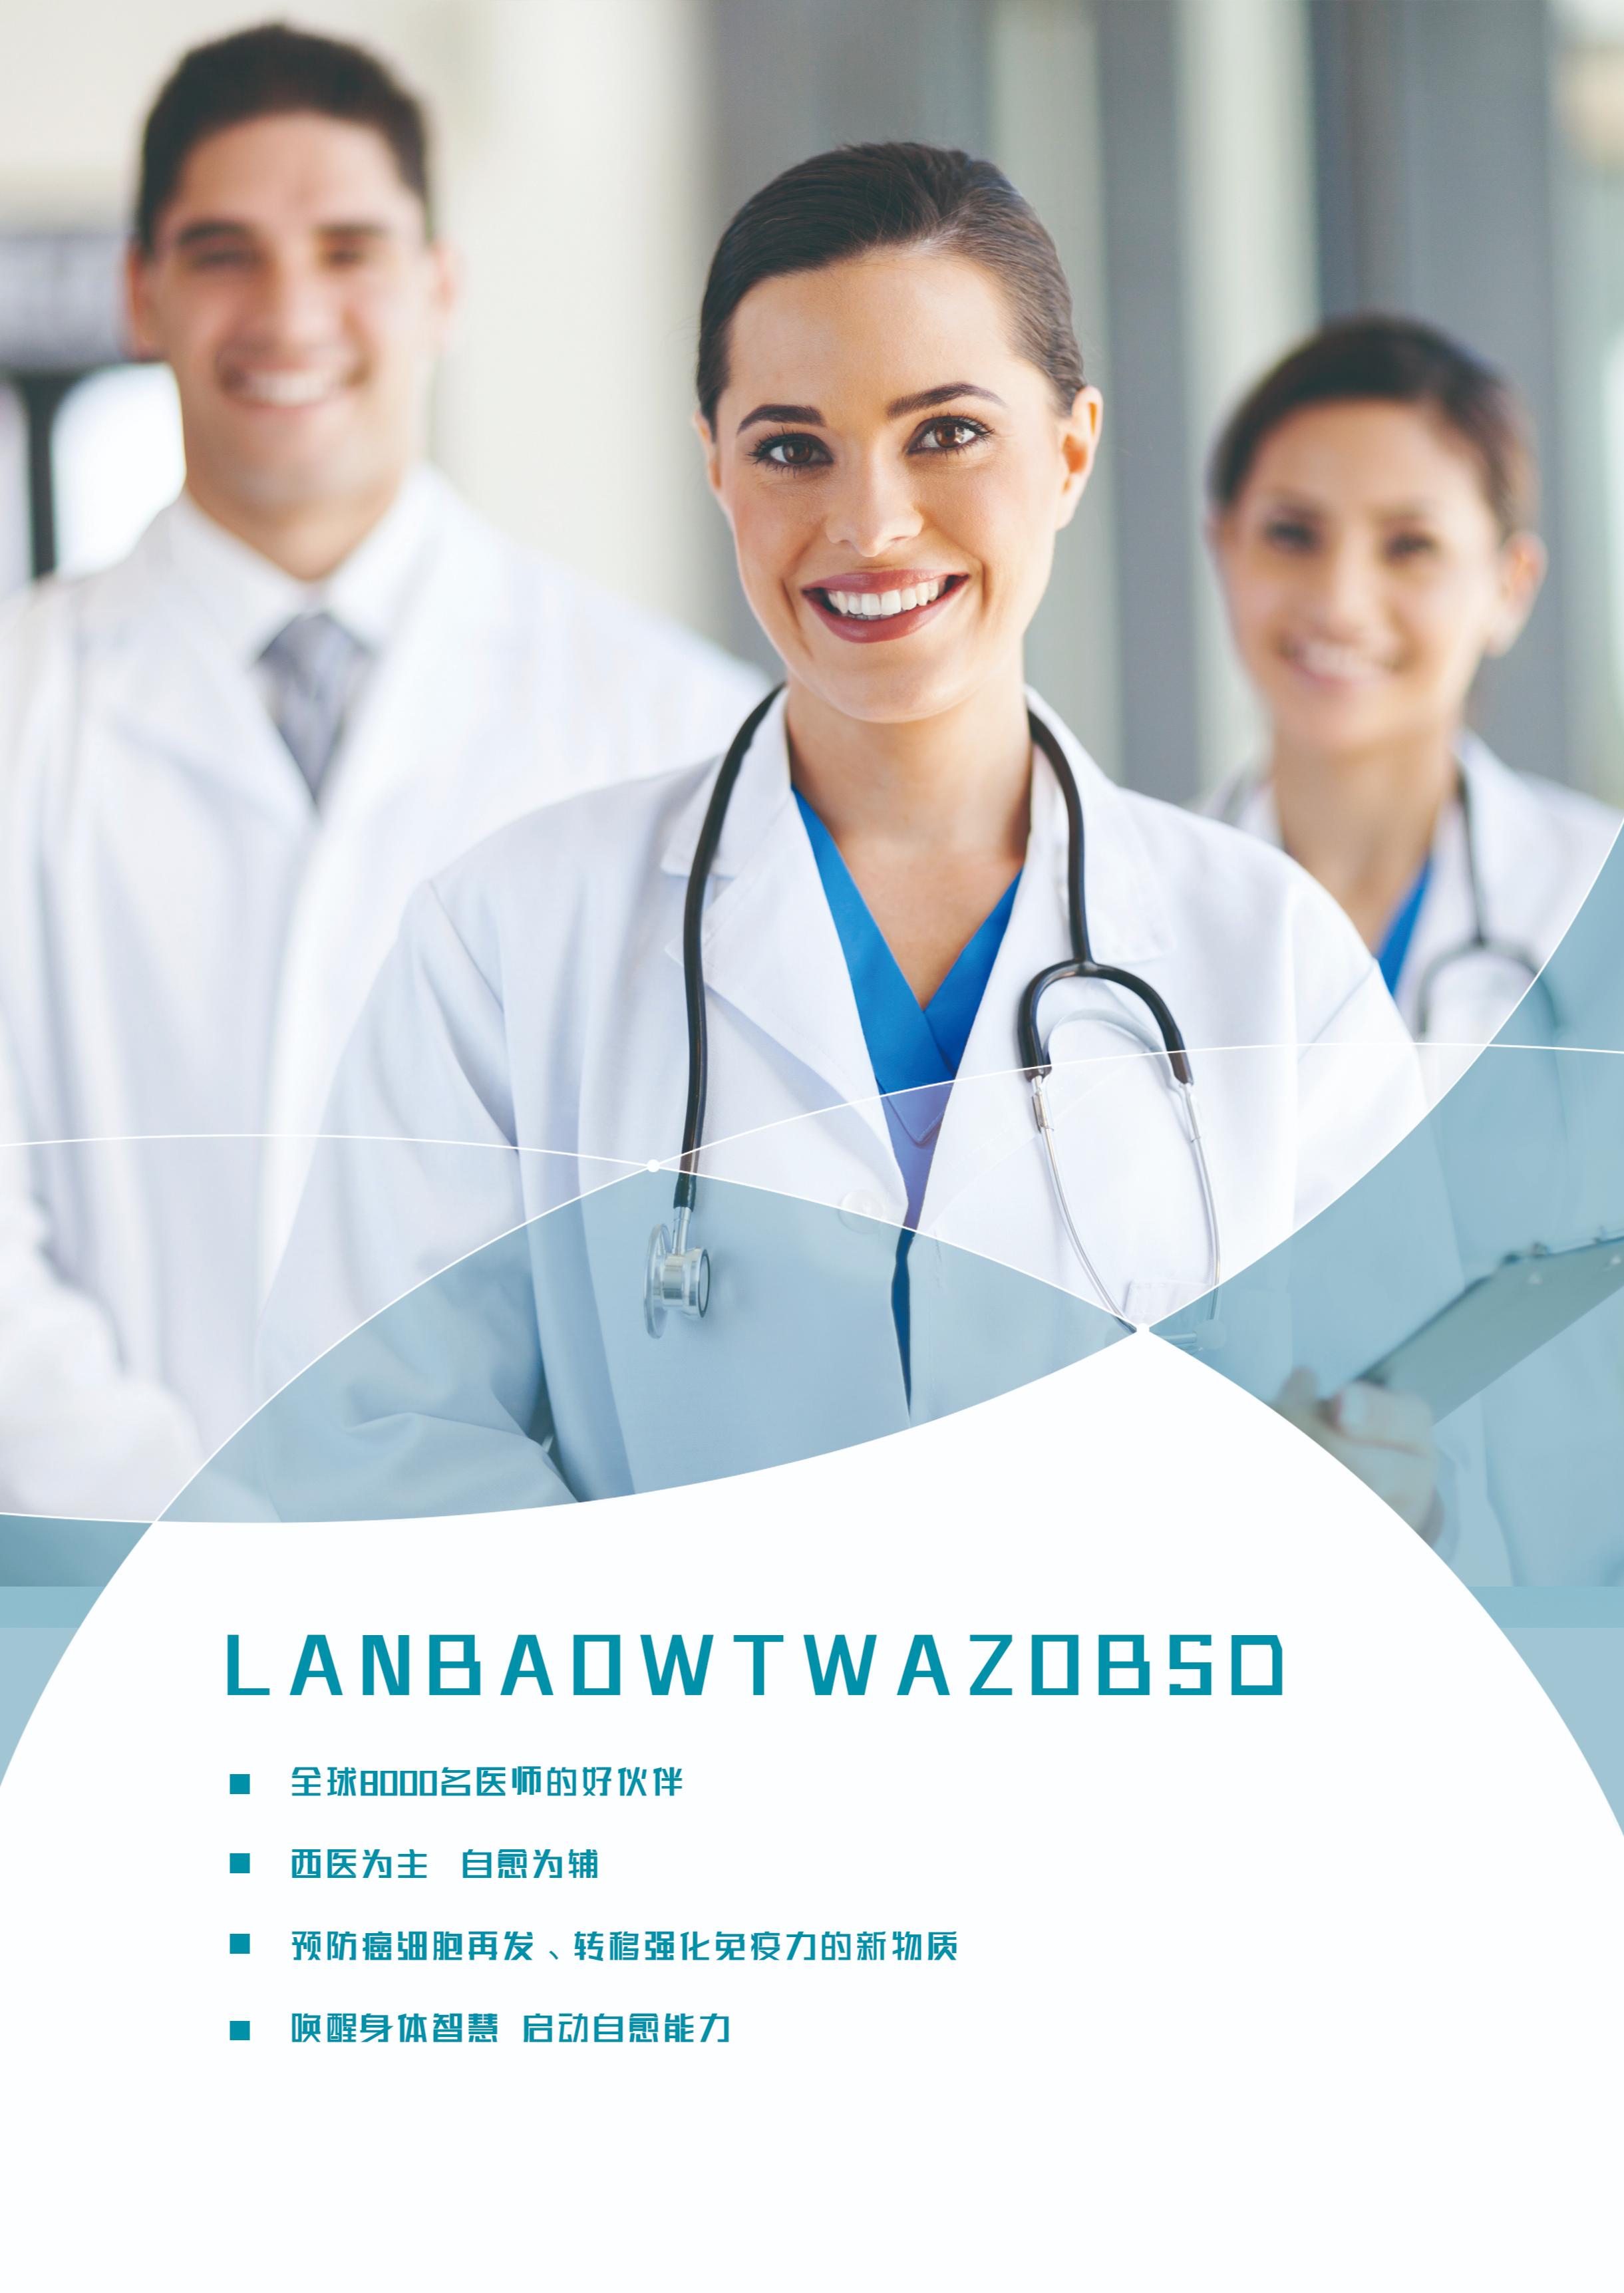 Hướng dẫn chuẩn đoán và điều trị các bệnh phụ khoa